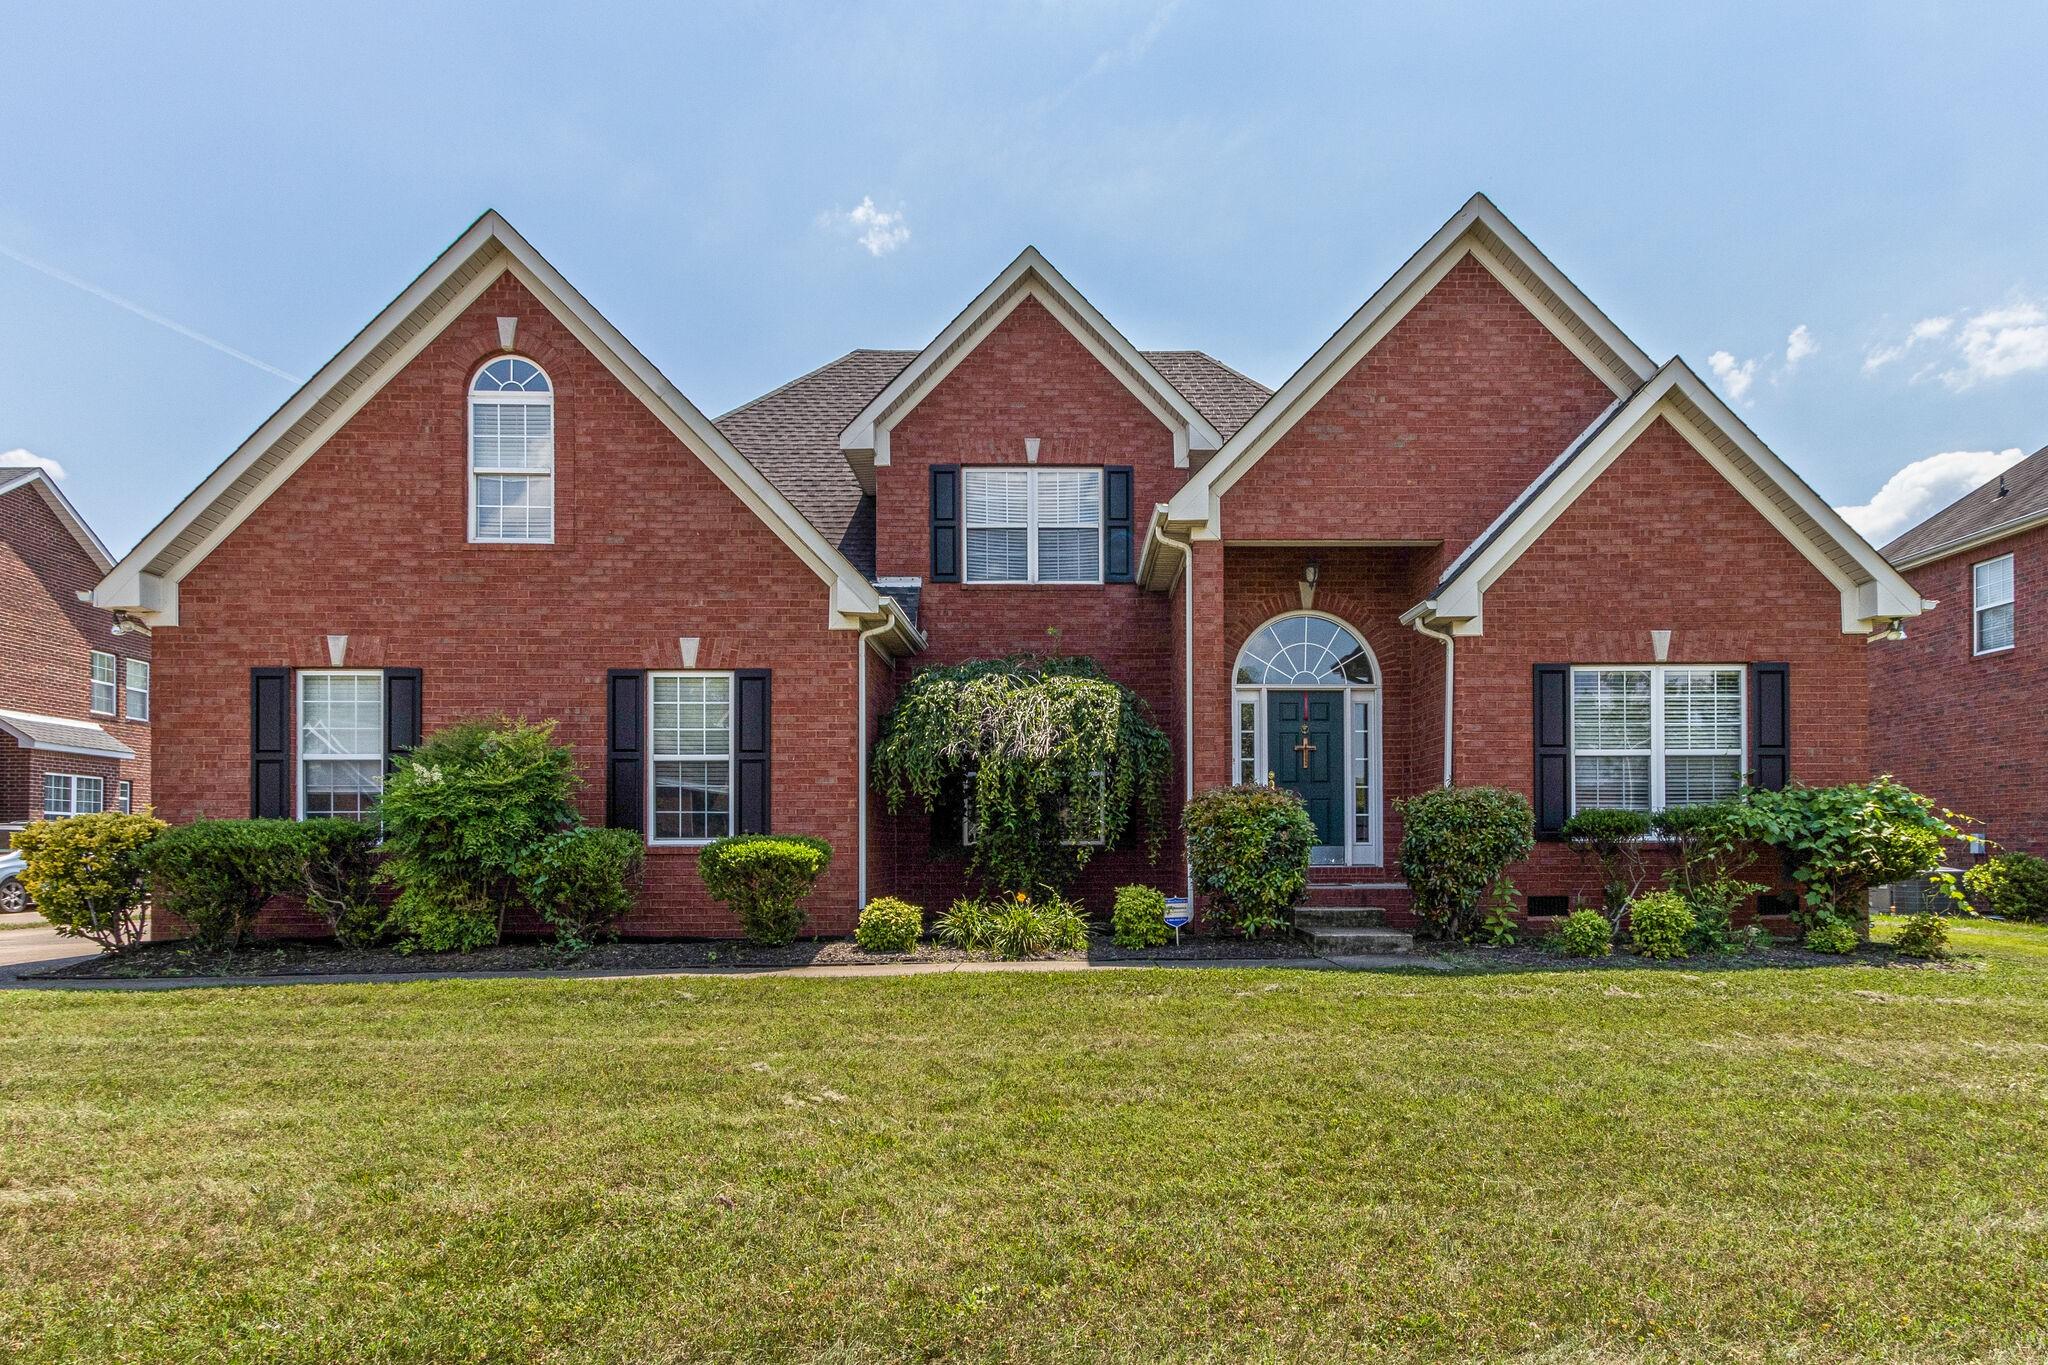 Amber Glen Sec 6 Real Estate Listings Main Image